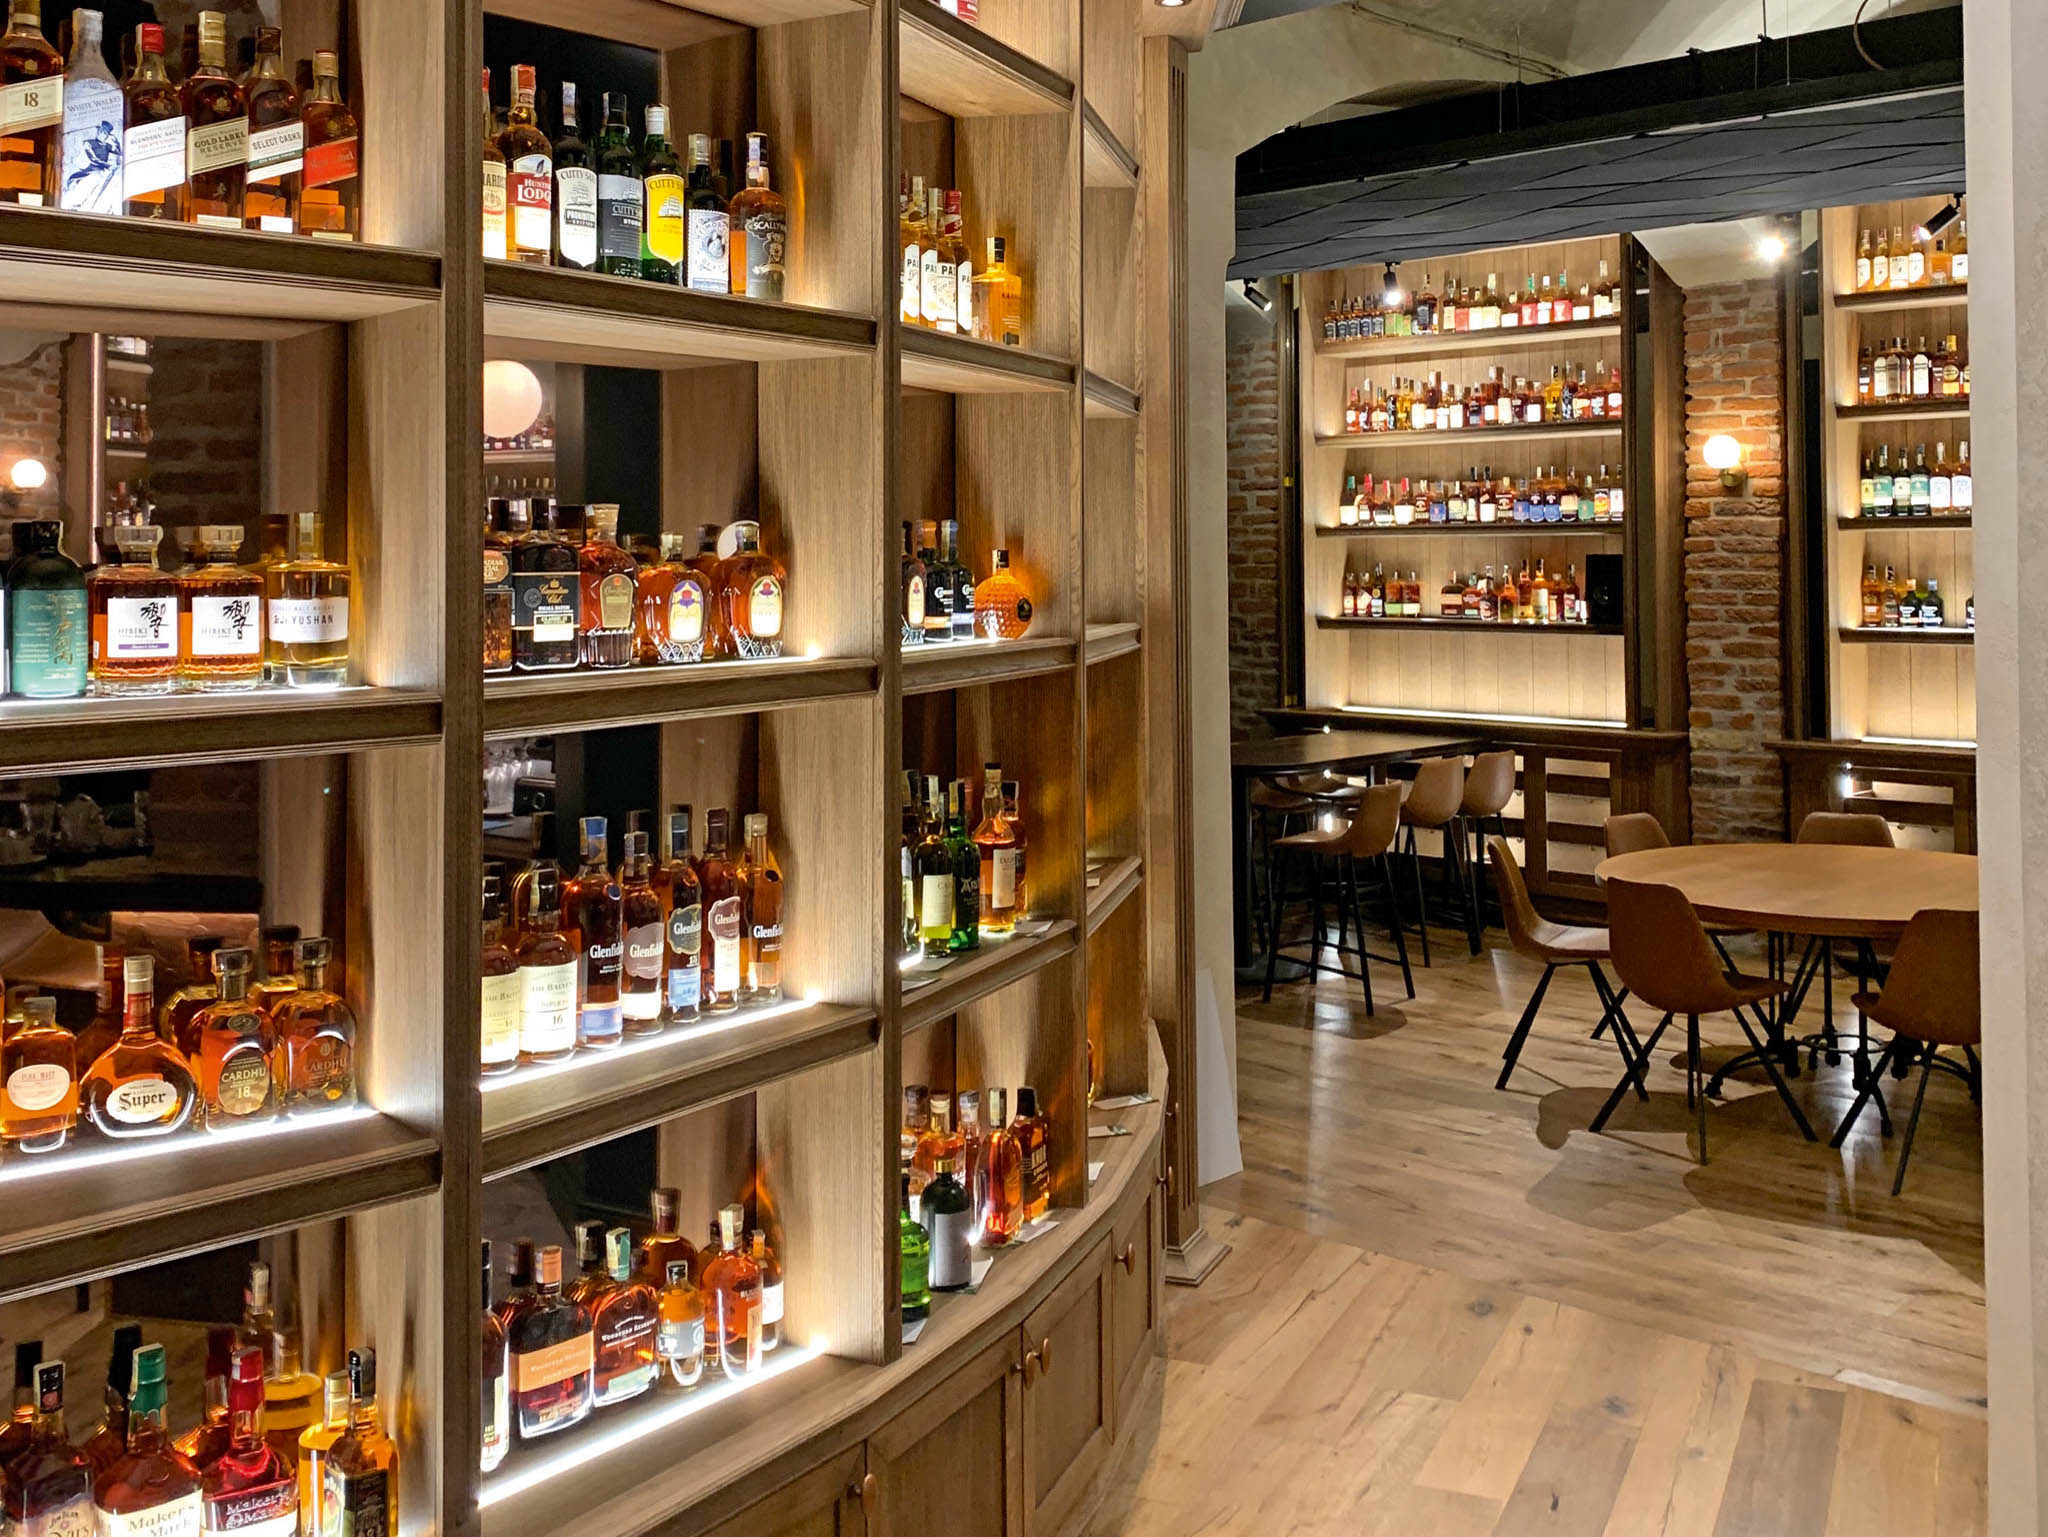 Designový interiér vrozlehlých podzemních prostorách je lemován více než tisícem druhů whisky zdestilerií veSkotsku, Irsku, Hongkongu, Indii, vJaponsku, ale ivČesku.